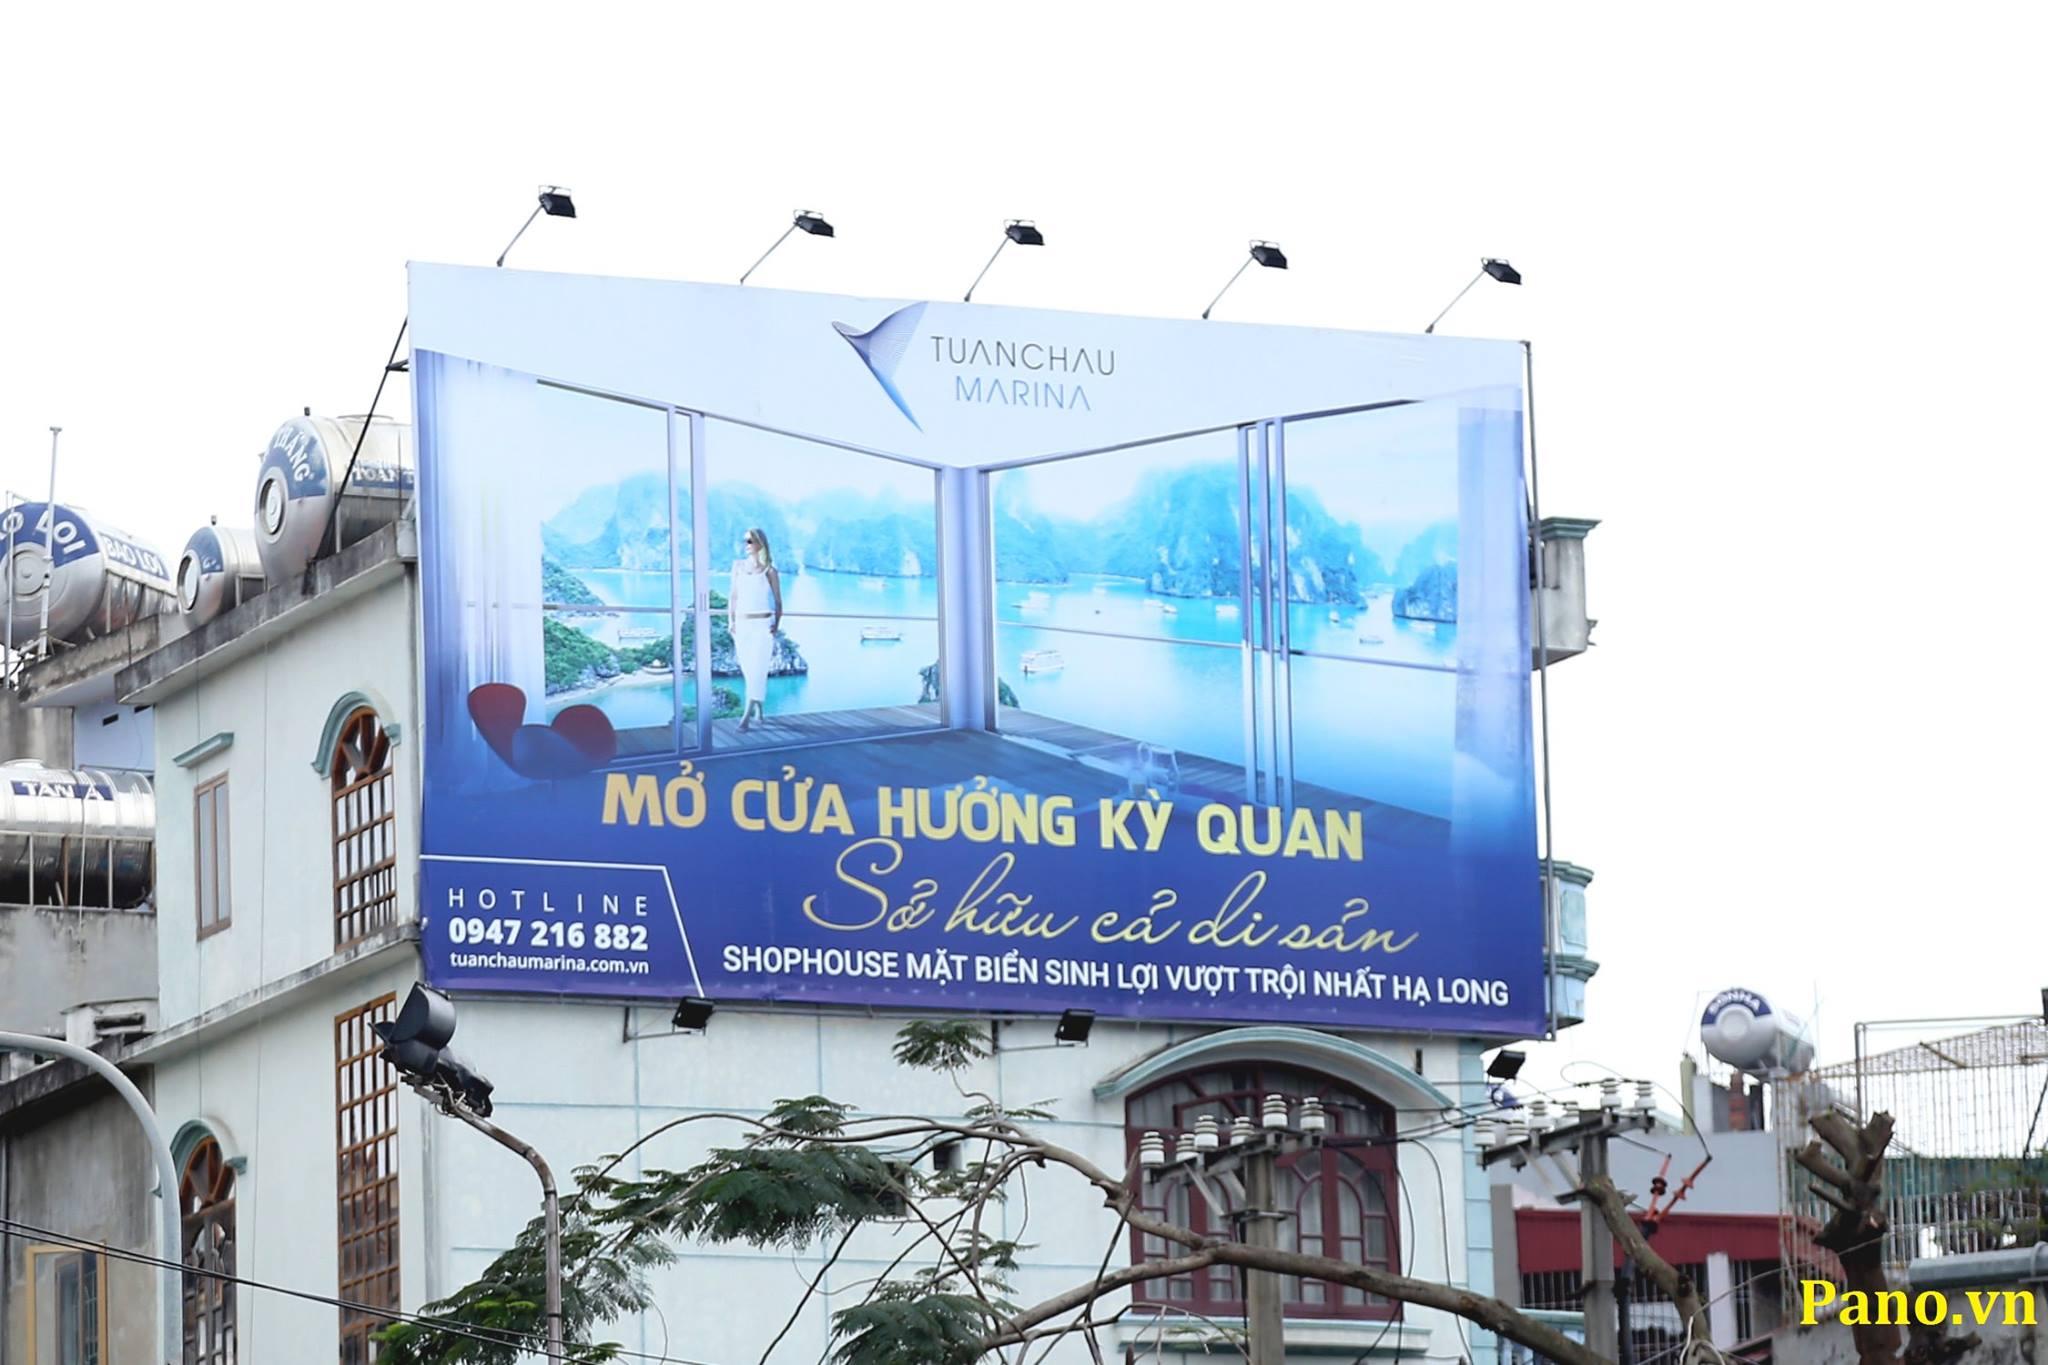 Pano quảng cáo Tuần Châu Marina